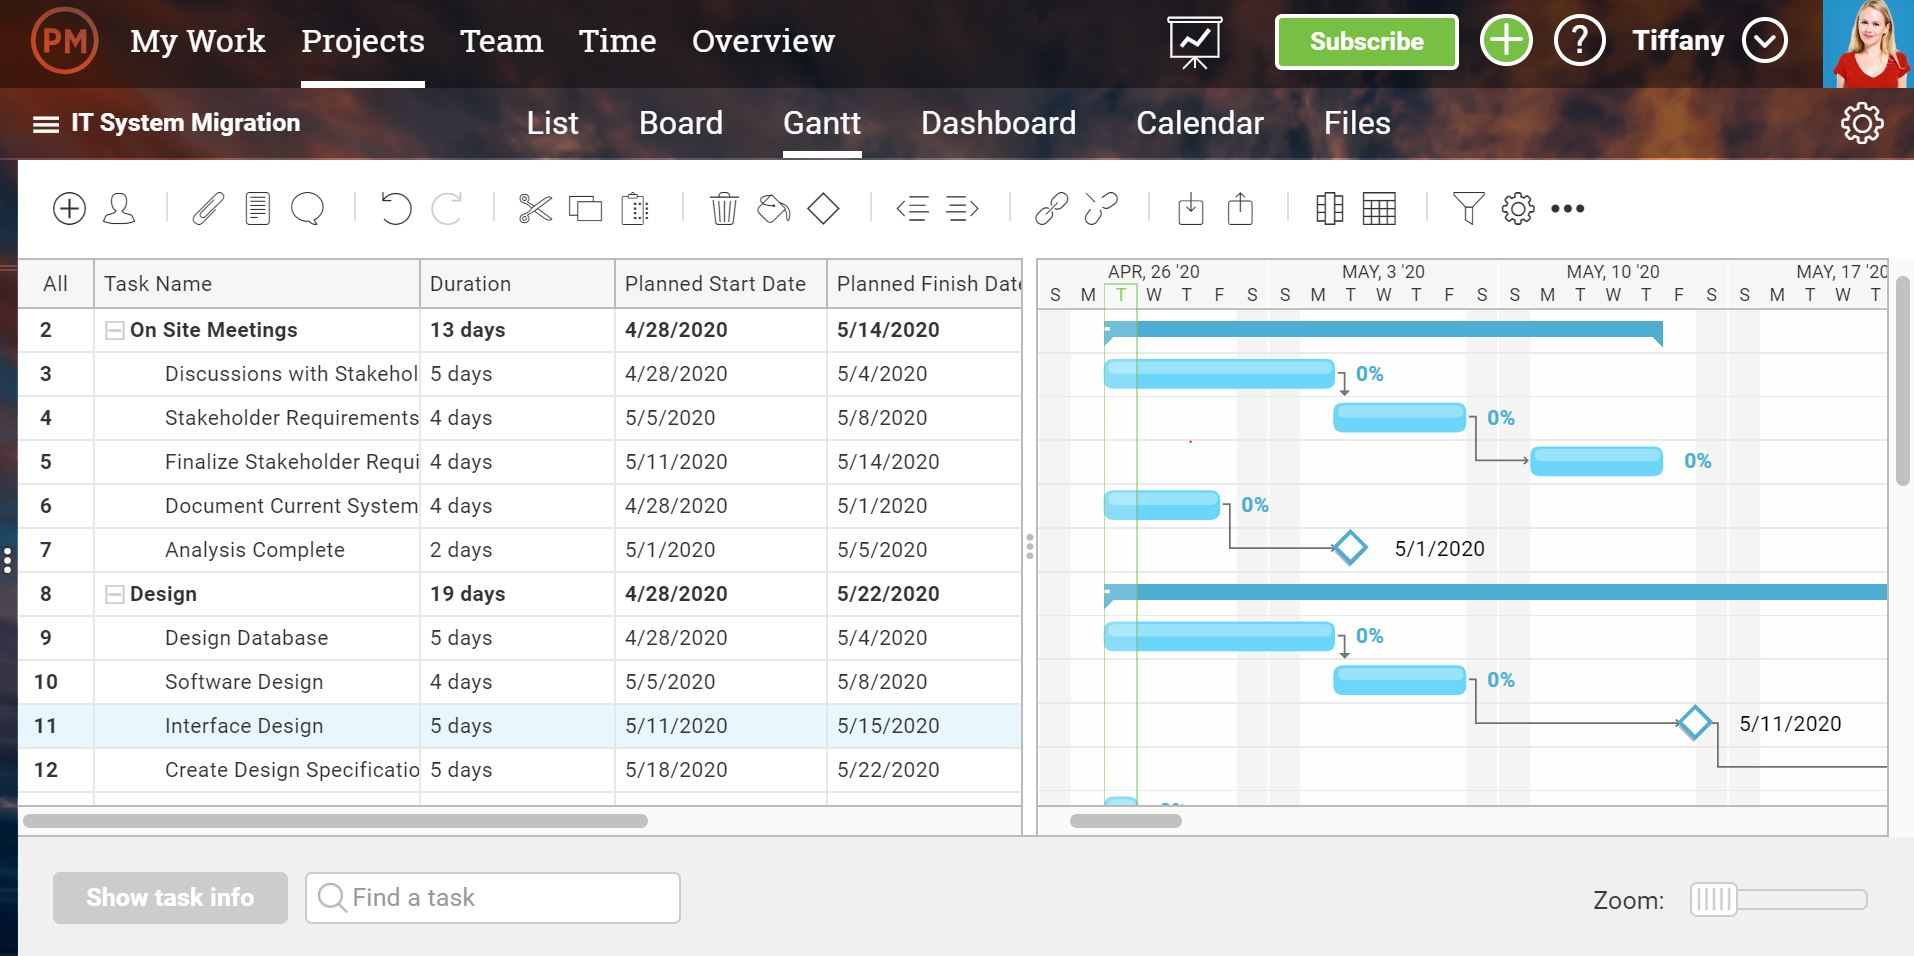 Una captura de pantalla del creador de diagramas de Gantt, con hitos ahora agregados, representados por diamantes en el gráfico